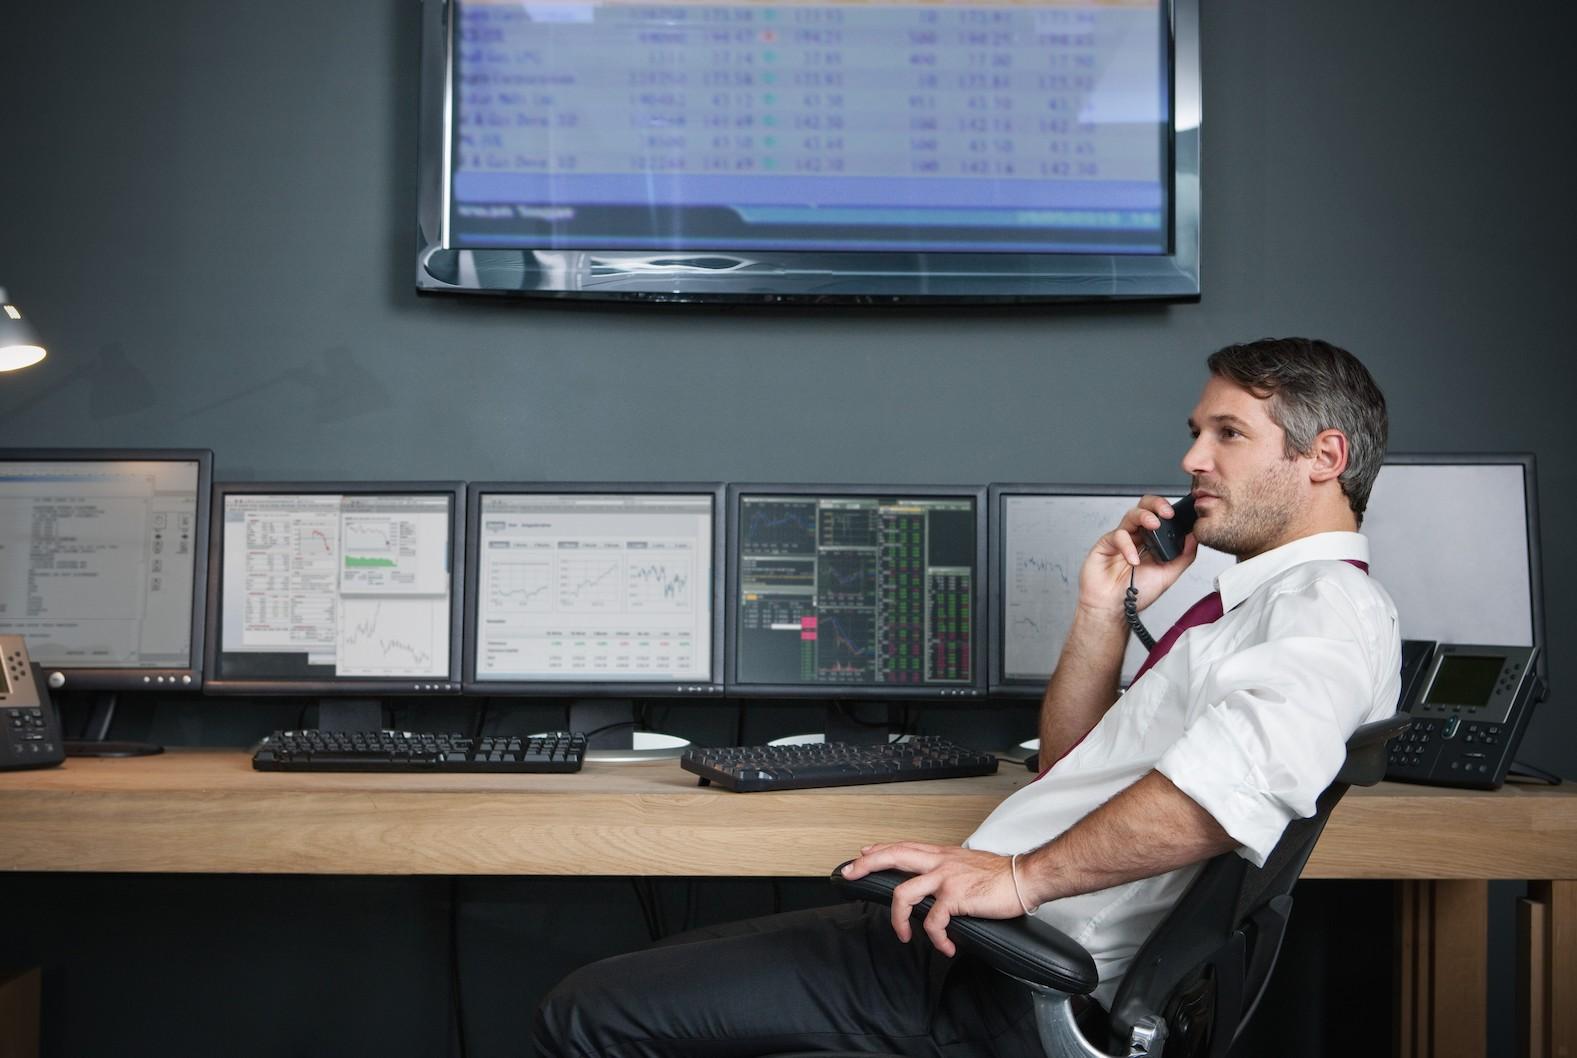 broker-aleman.jpg